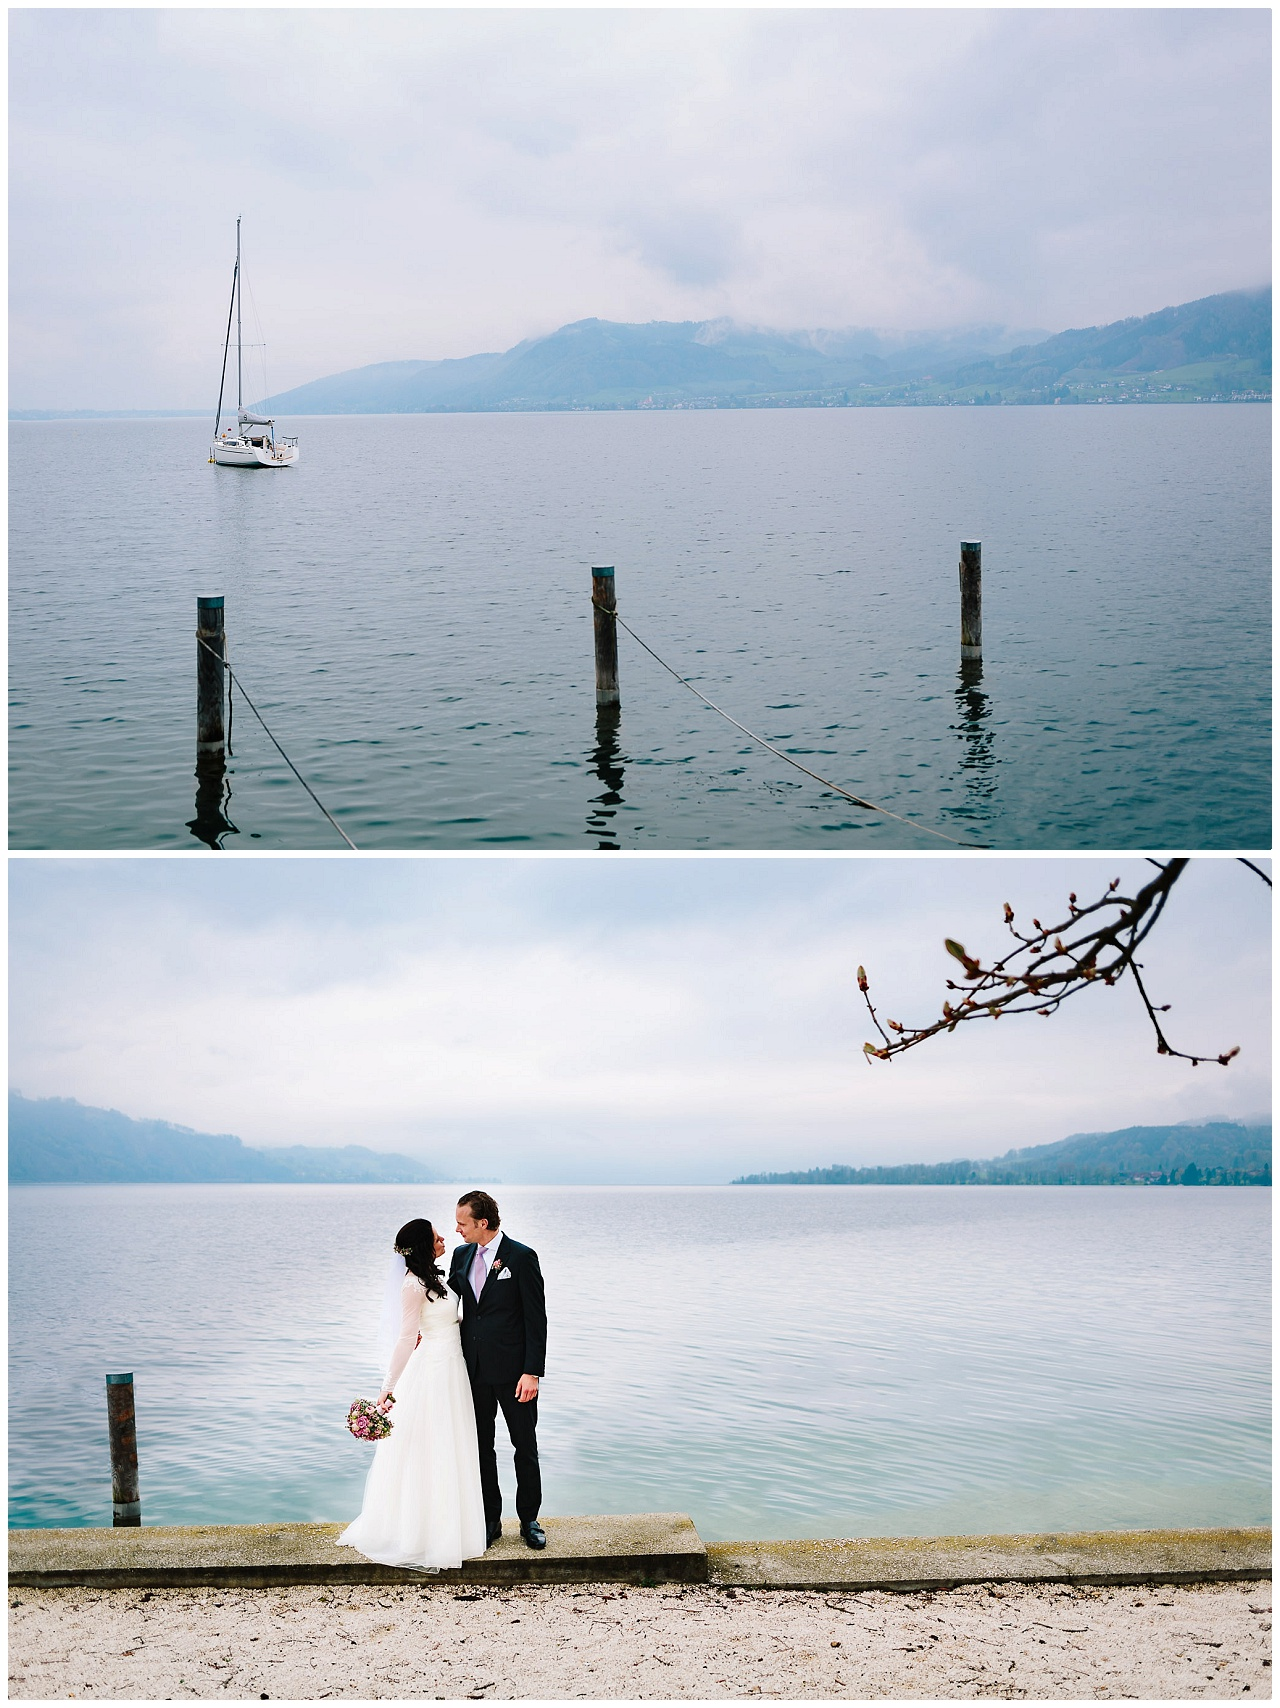 Hochzeitsfotograf Attersee Hochzeit Michaela und Andreas 12